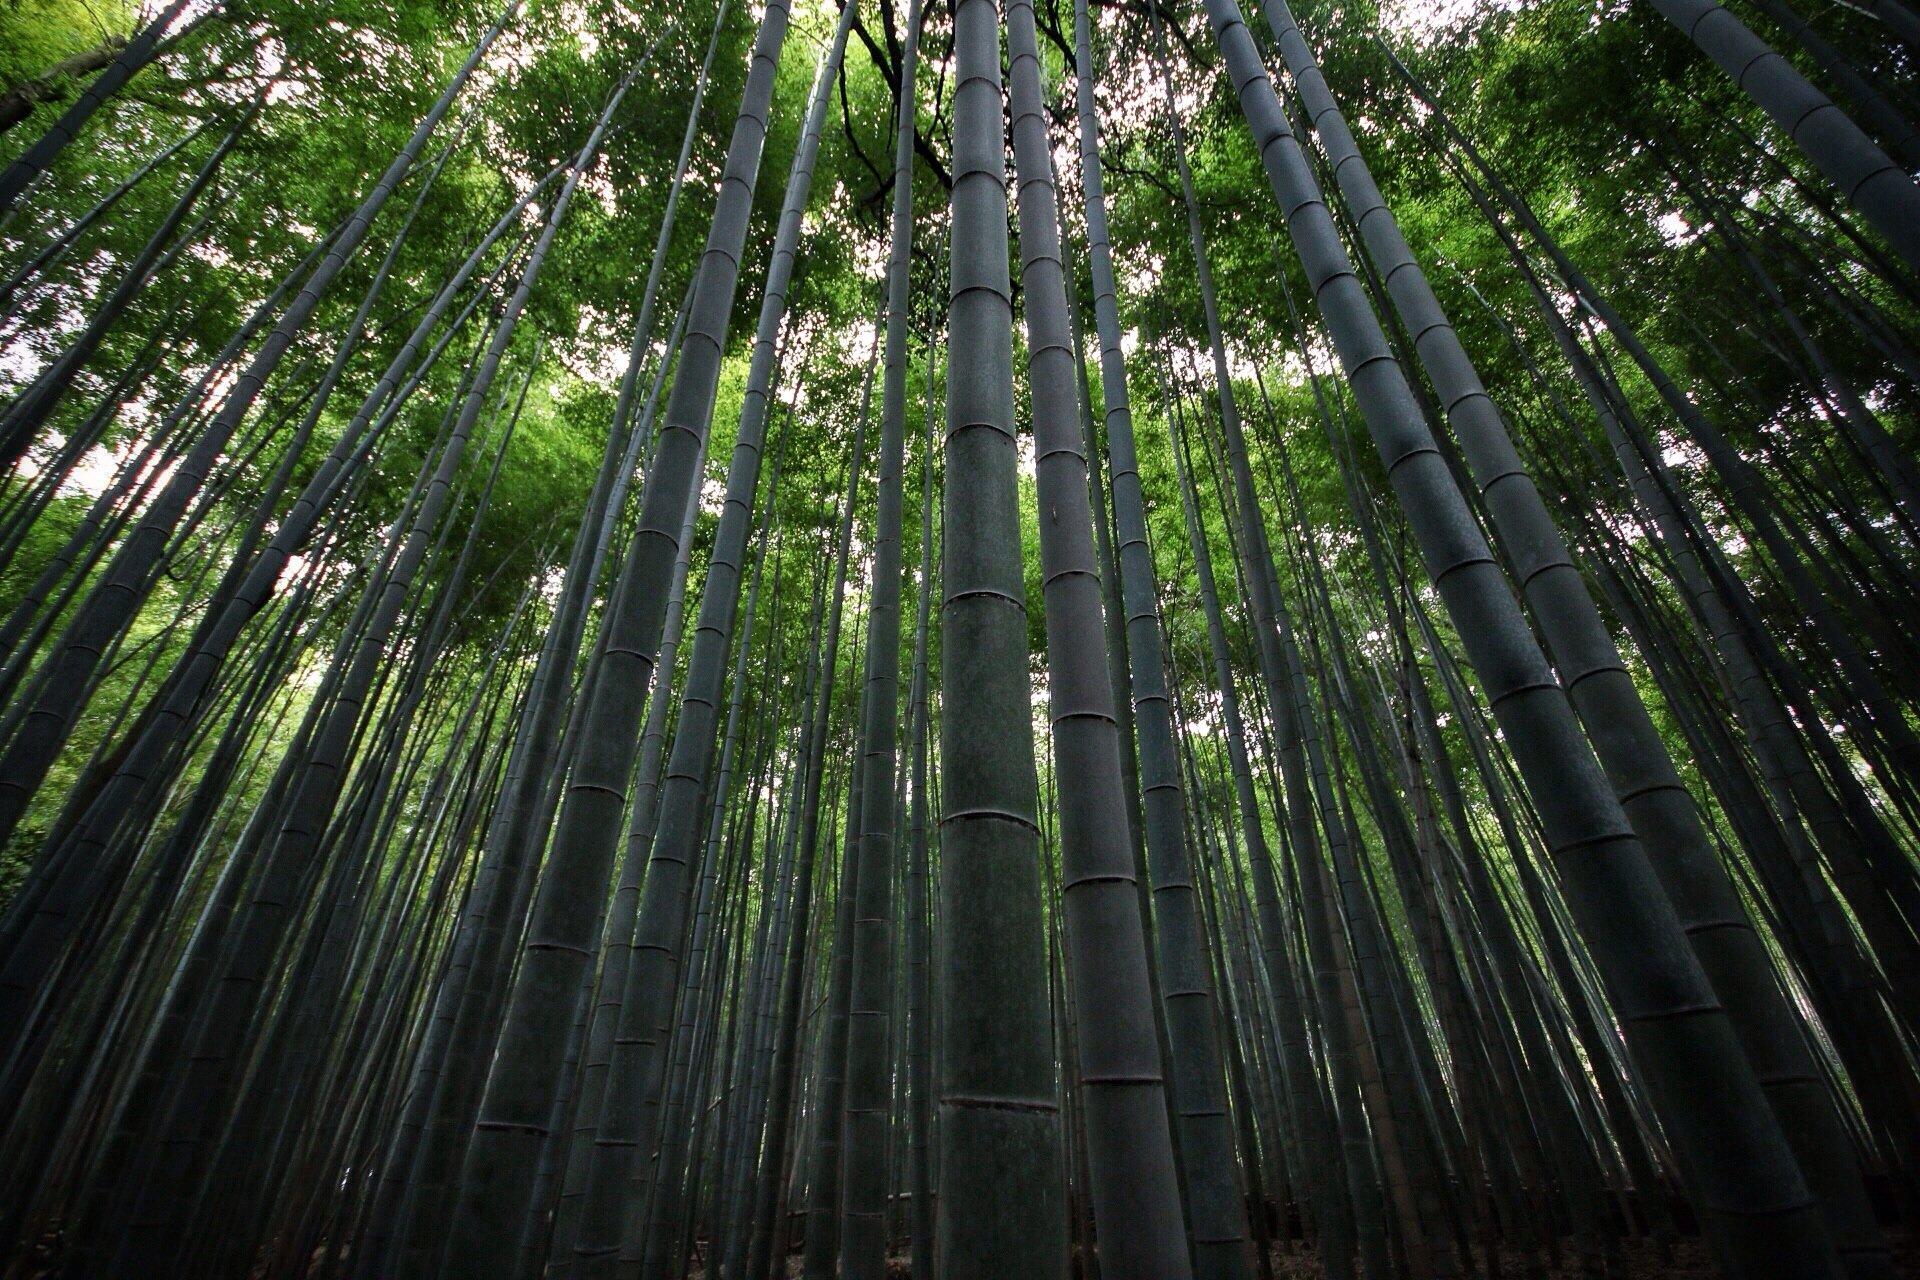 bamboo_forest_kyoto_kasuma_photo_blog